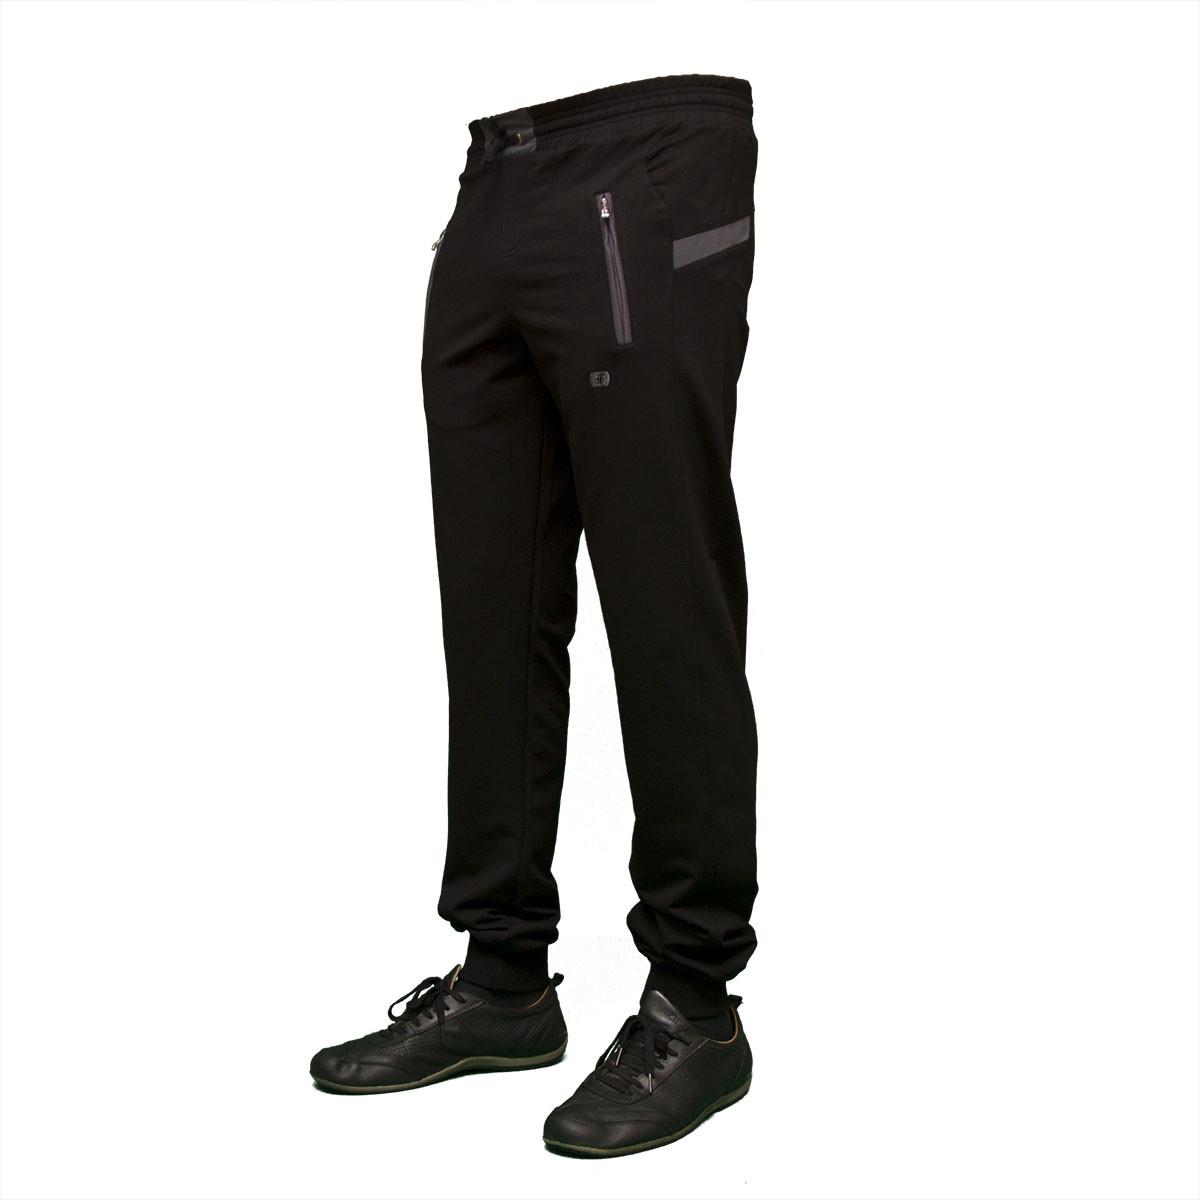 Спортивные штаны под манжет в интернете низкие цены тм. FORE арт.9291-1